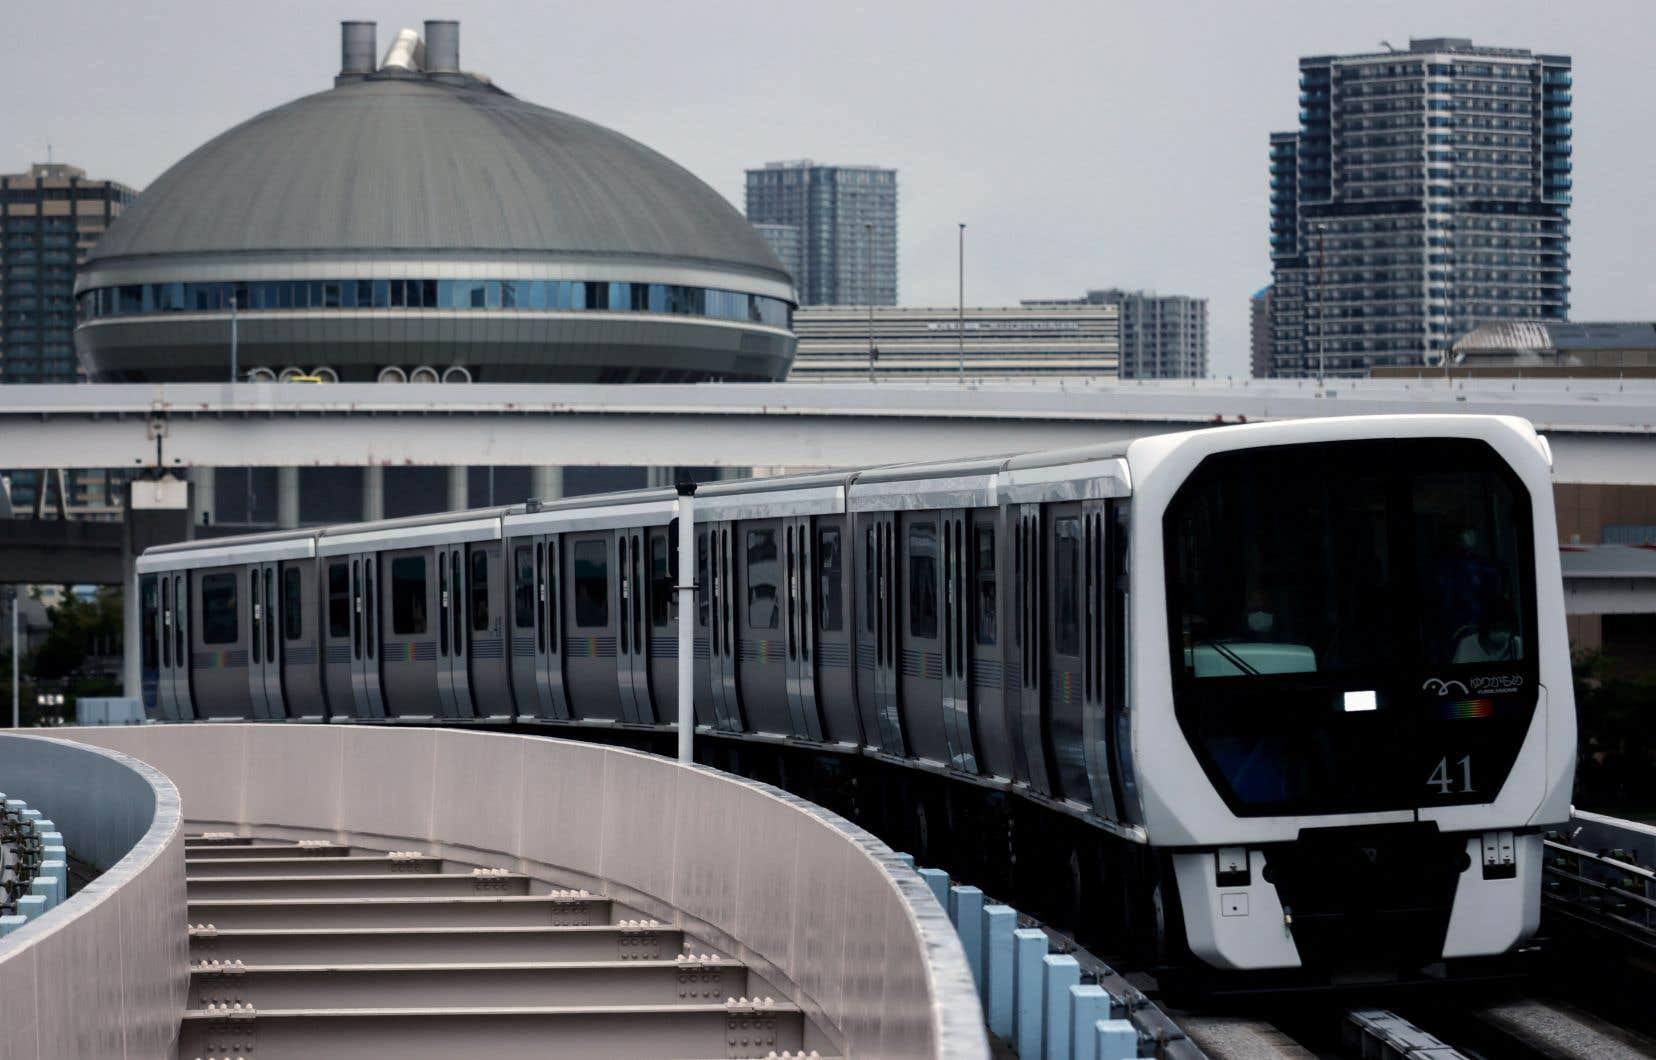 L'attaque s'est produite près de la station de Seijogakuen, à Tokyo.